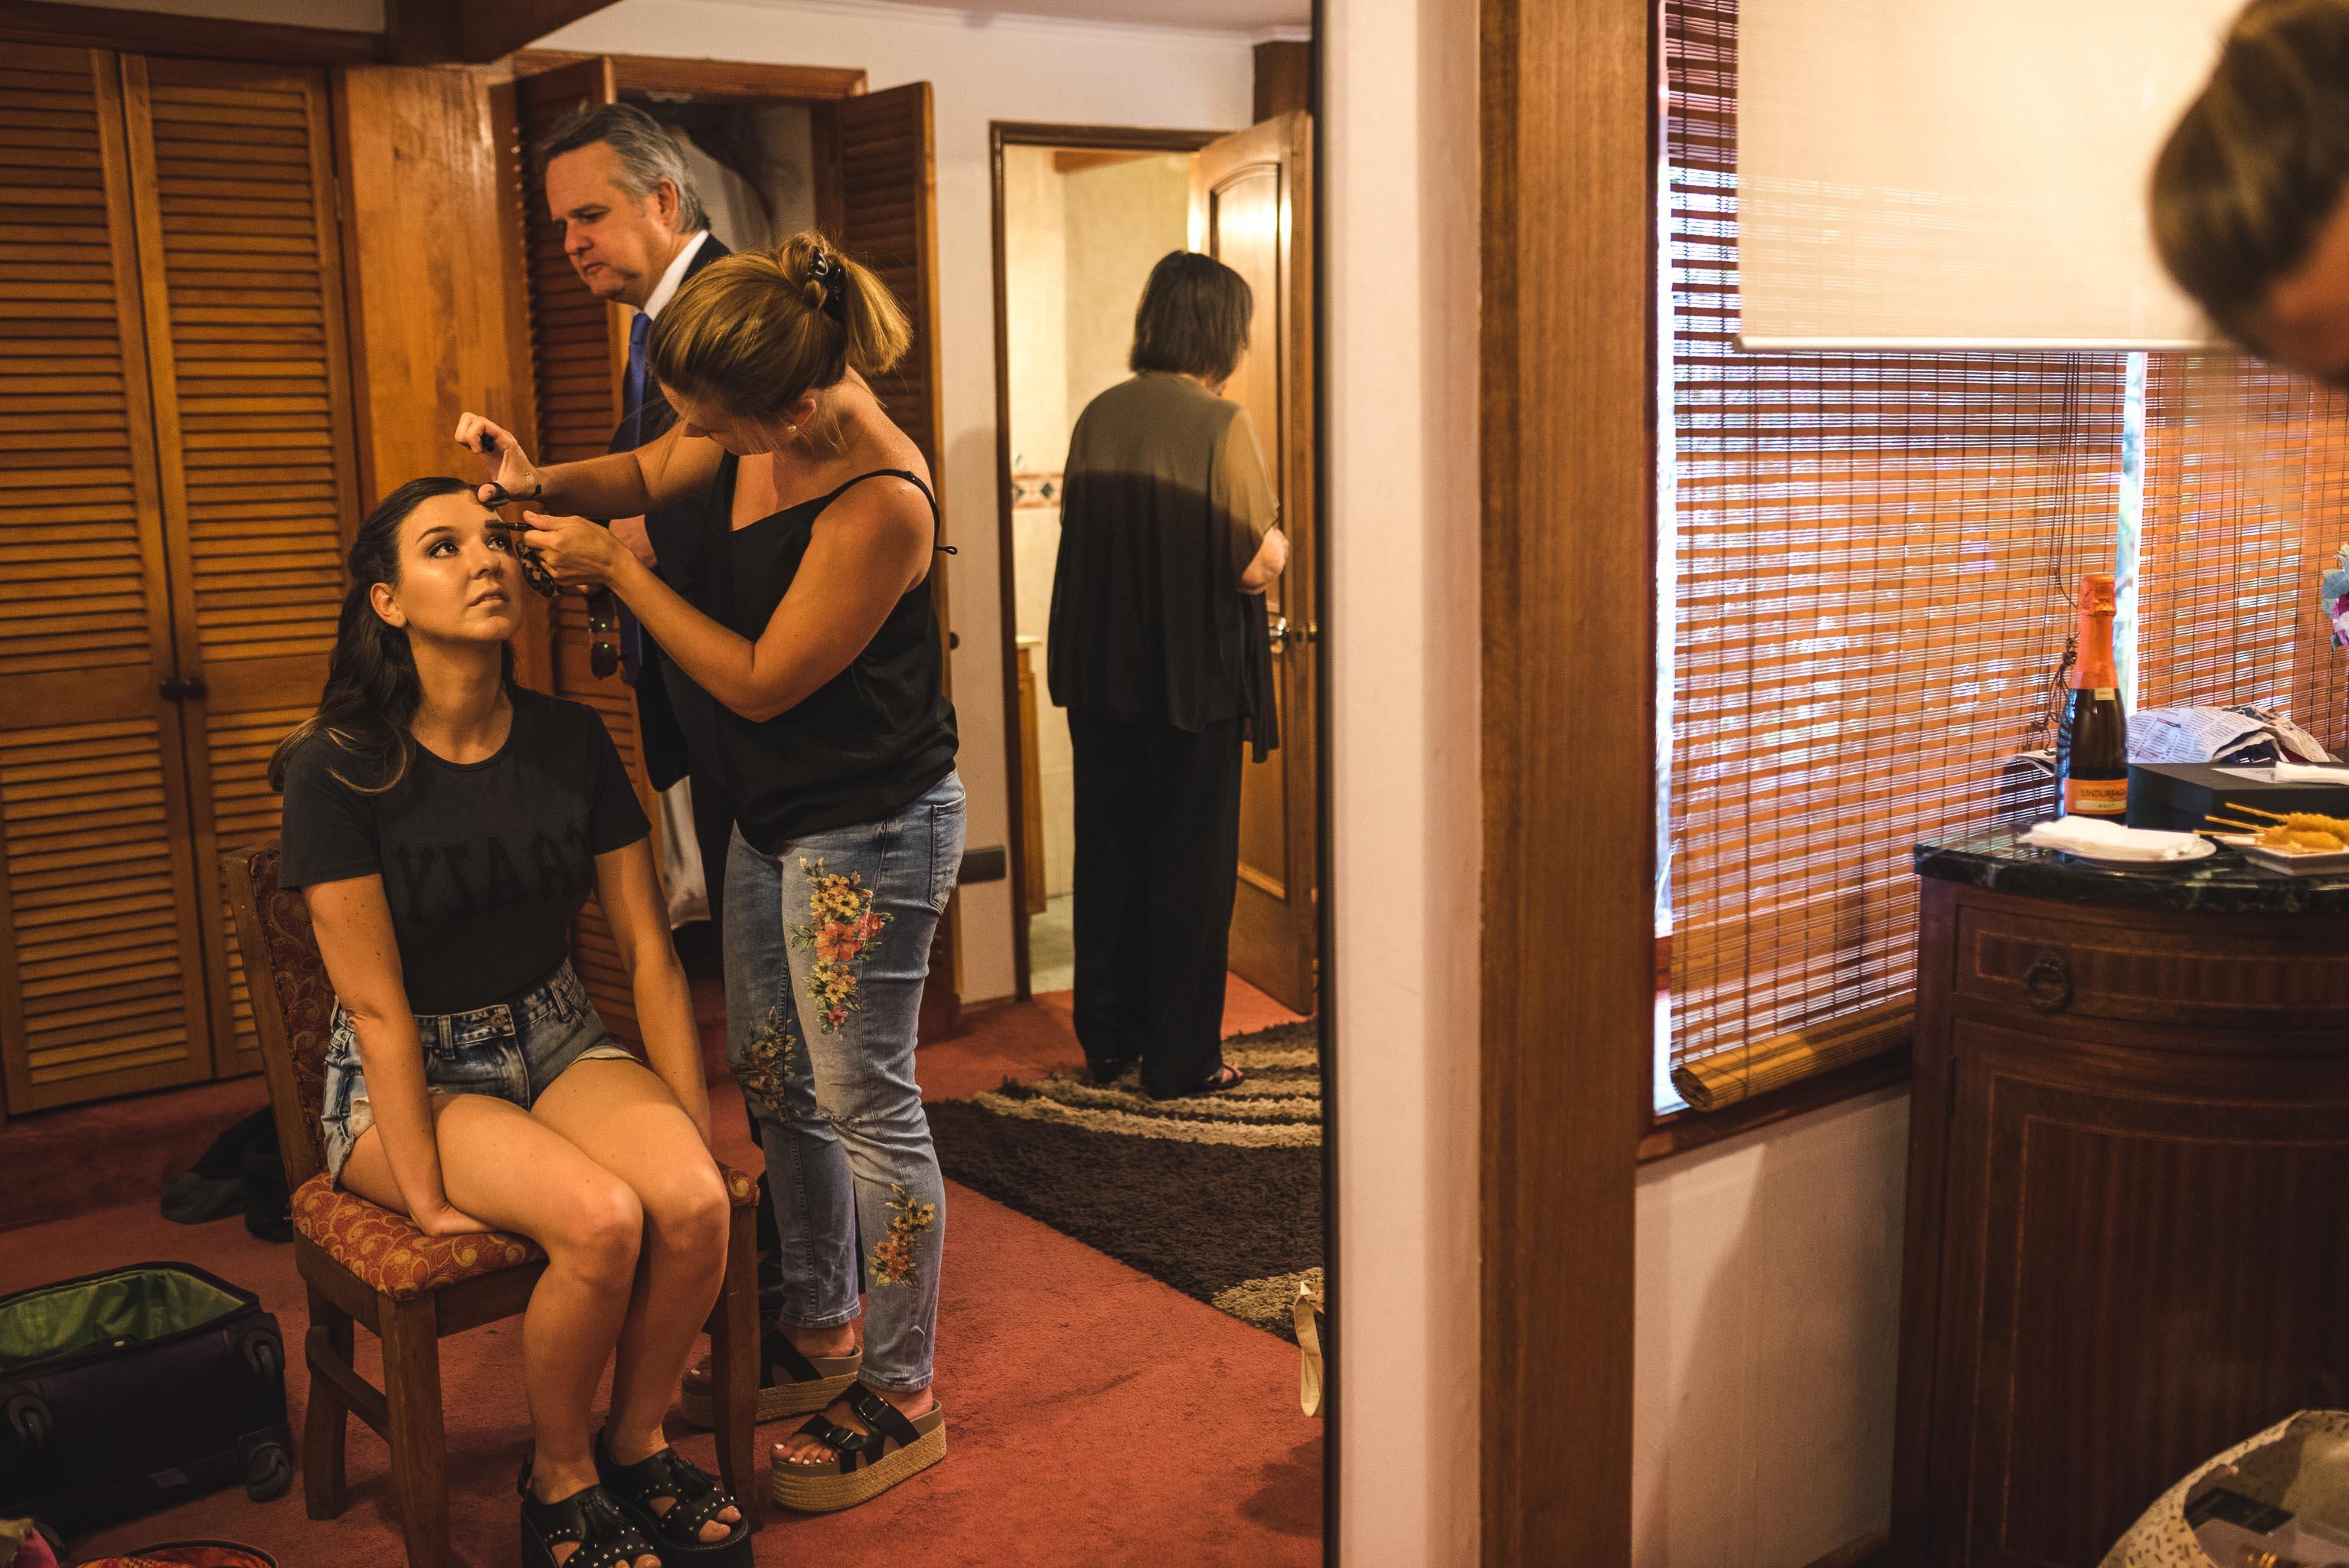 fotografo documental de matrimonios-fotografo de matrimonios santiago-preparativos novia